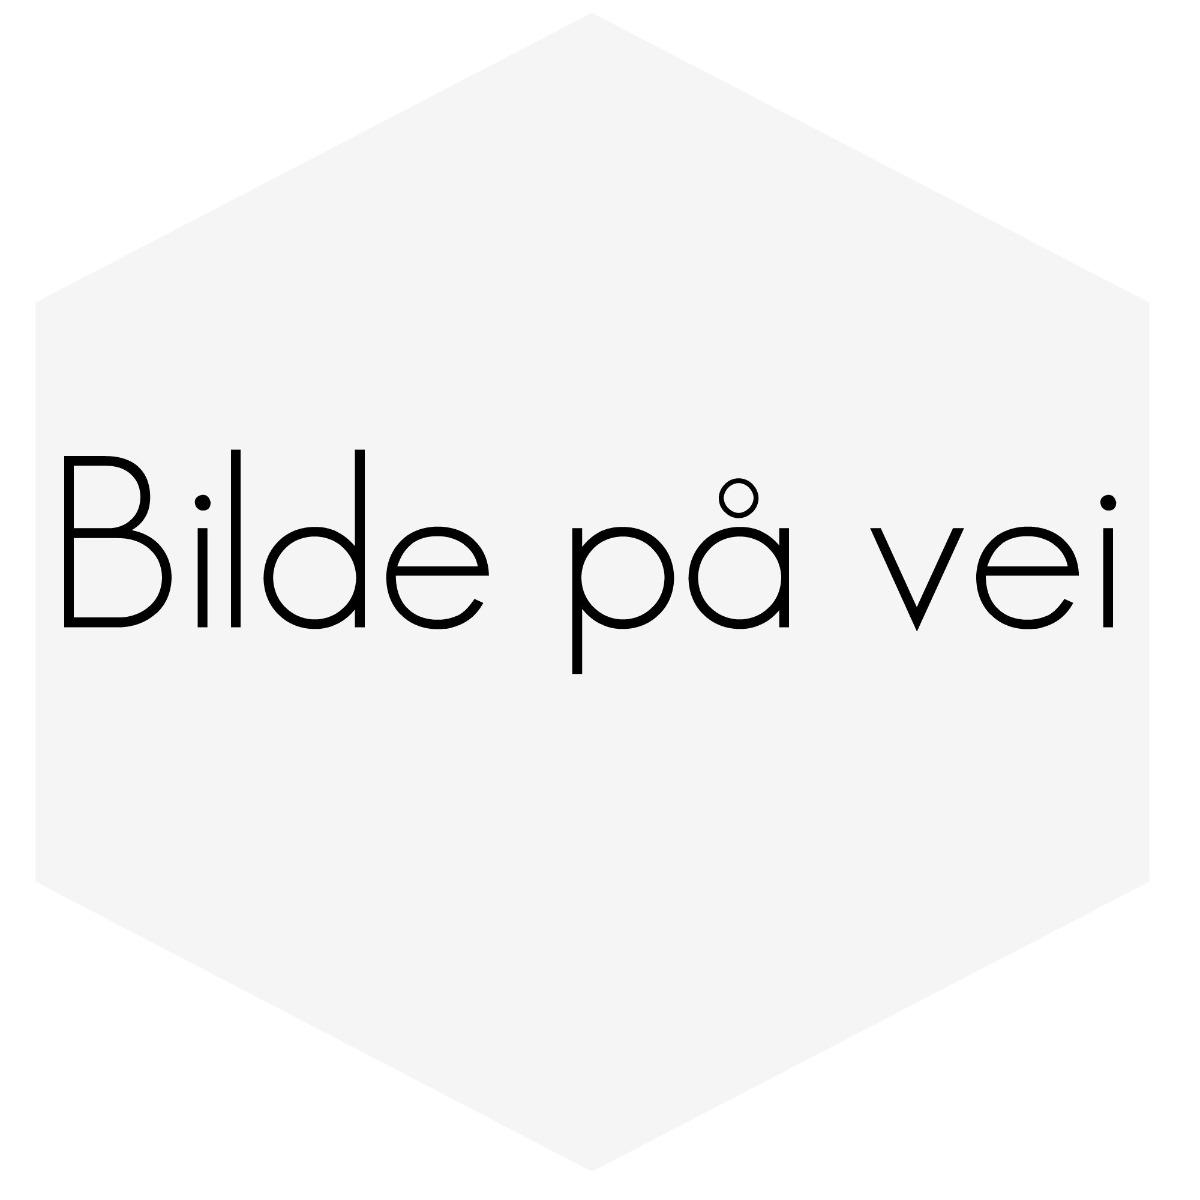 PYSVENTIL TIL ENKEL JUSTERING AV TURBOTRYKK M.M.